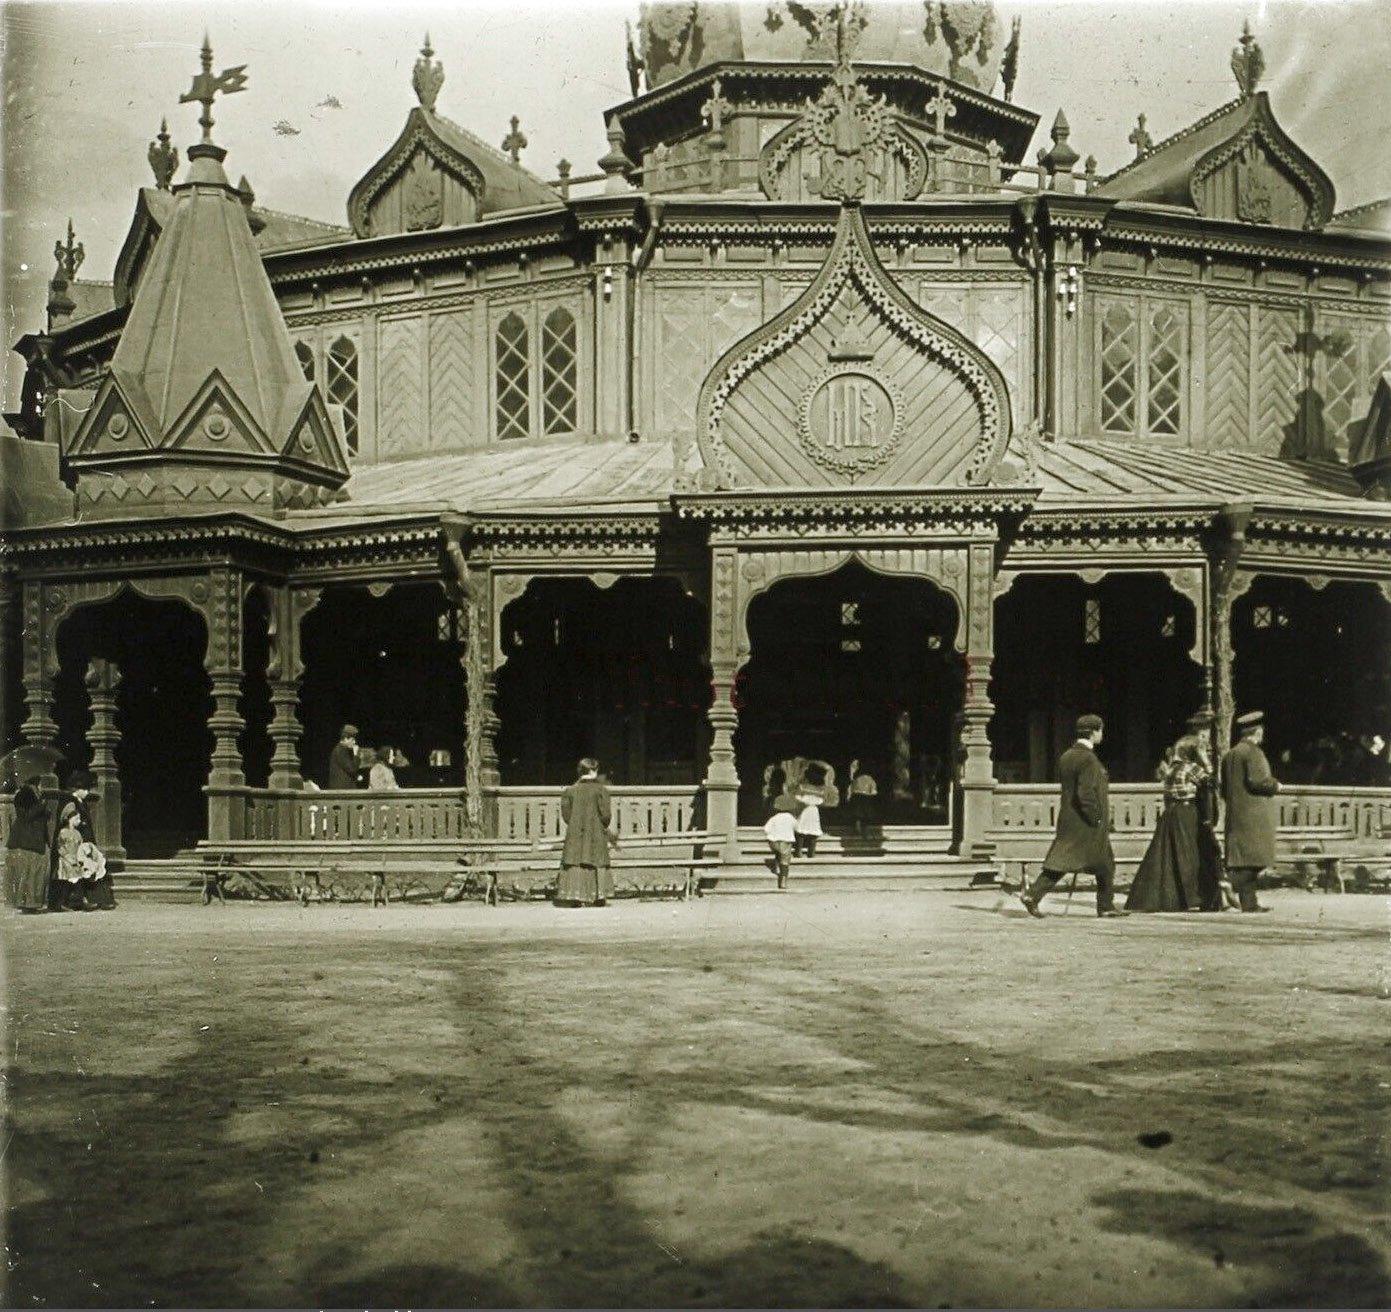 Царский павильон в Сокольниках. 1910-е